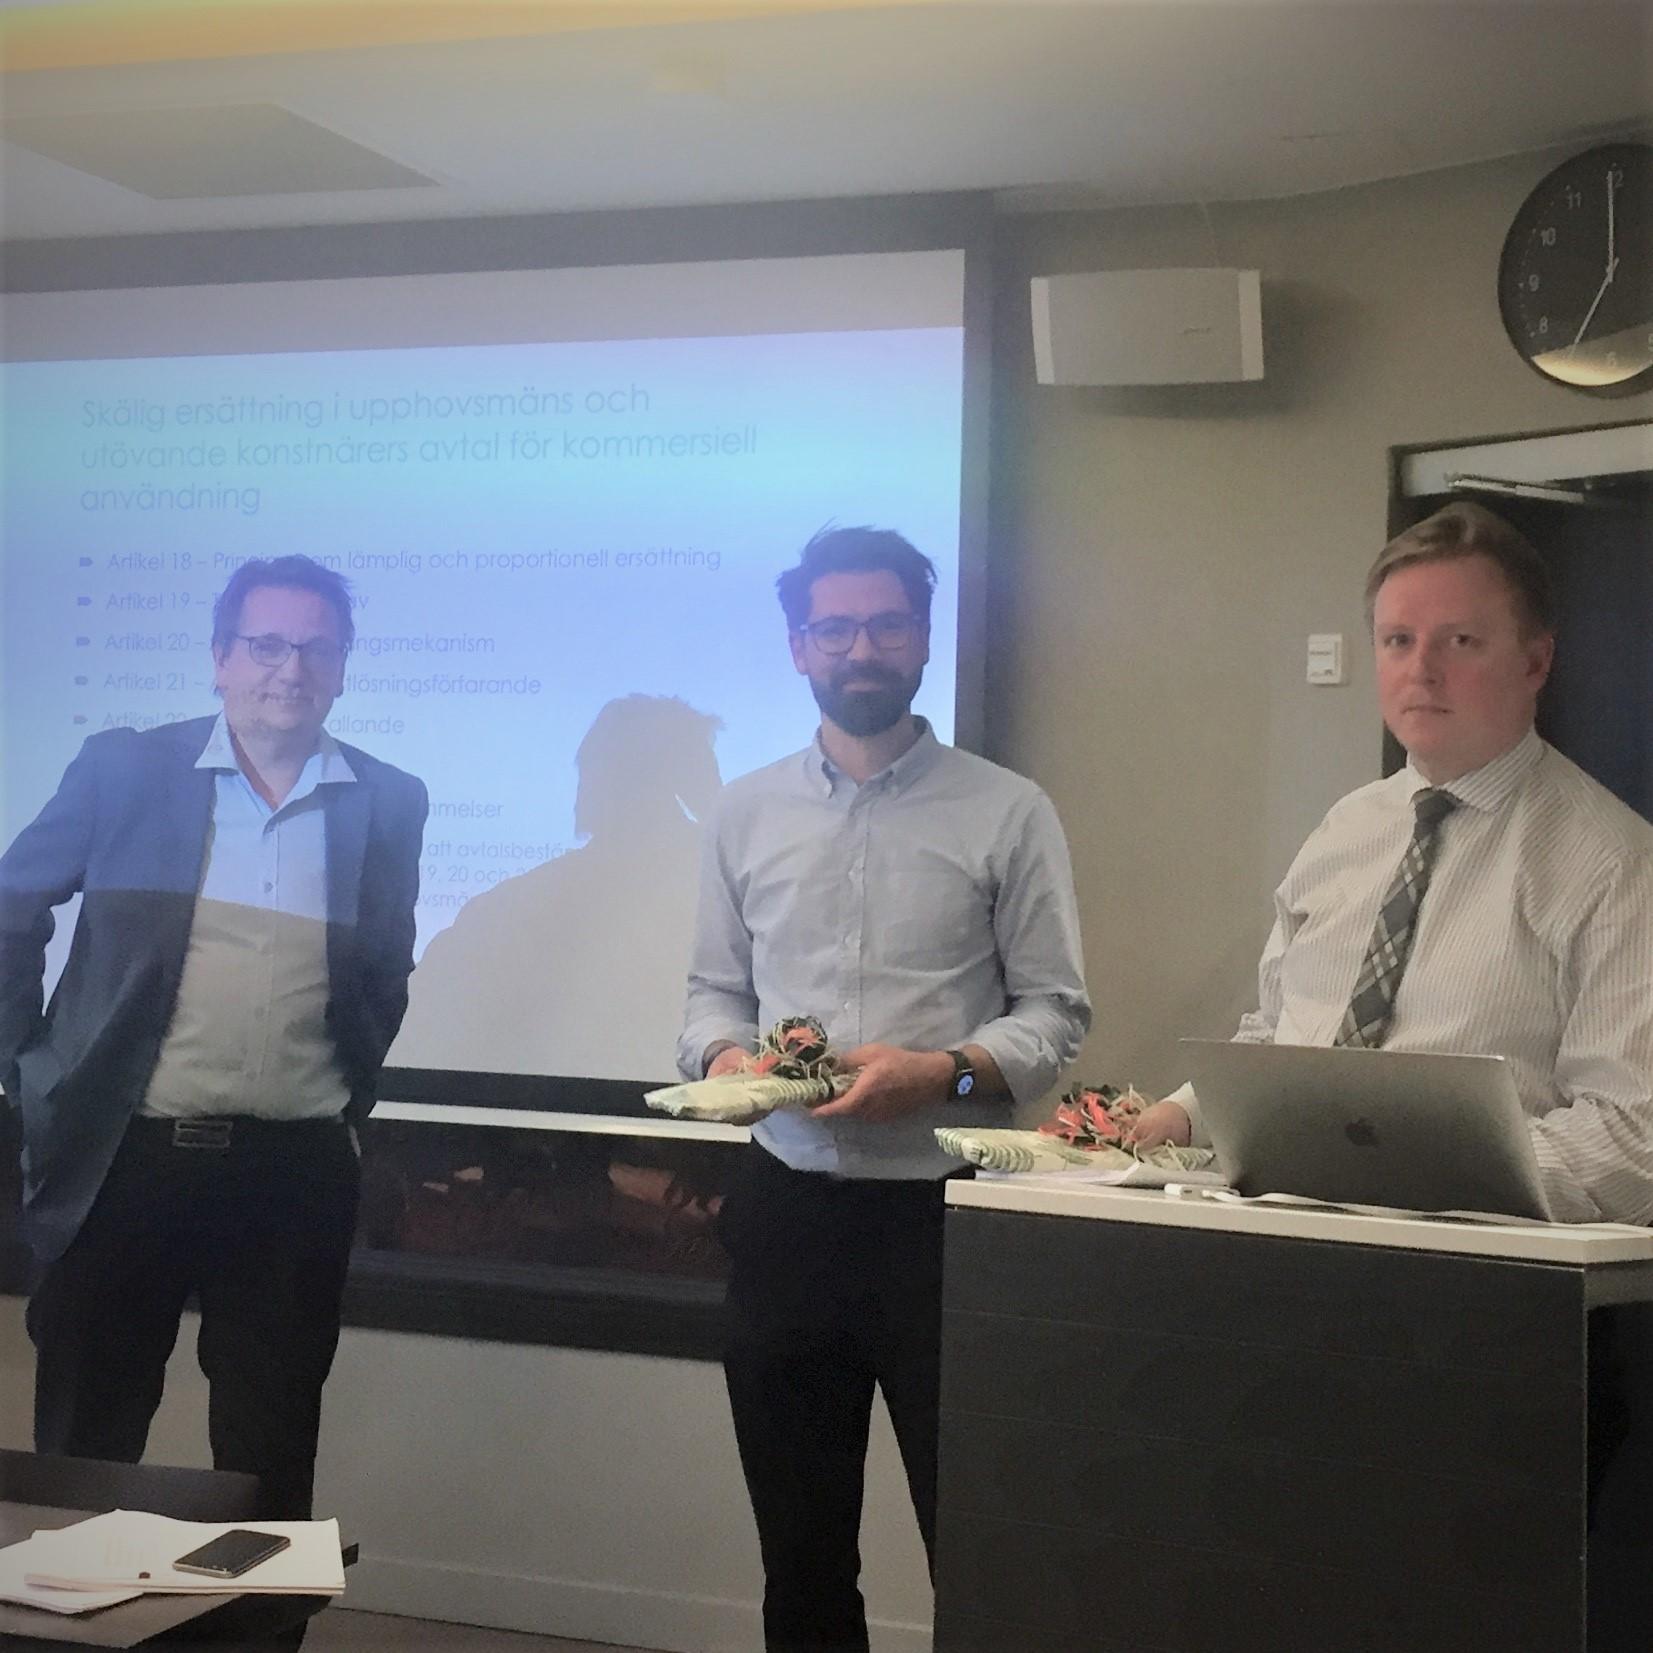 Fra venstre: Ole-Andreas Rognstad, Sebastian Felix Schwemer og Johan Axhamn.